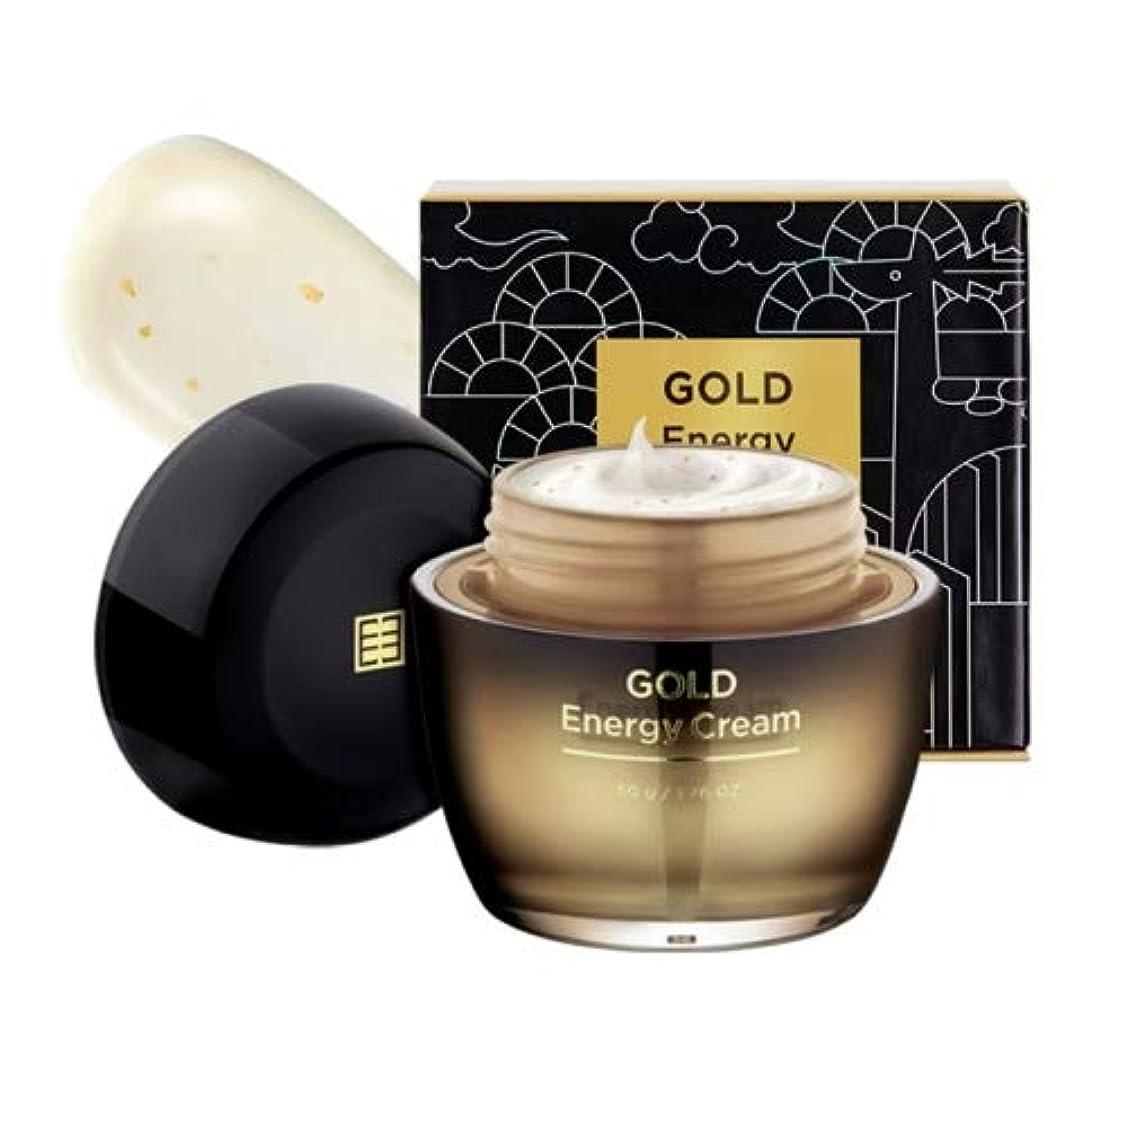 シュリンクメアリアンジョーンズ放射能ESTHEMED 【NEW!! エステメドゴールドエネルギークリーム】ESTHEMED GOLD Energy Cream 50g